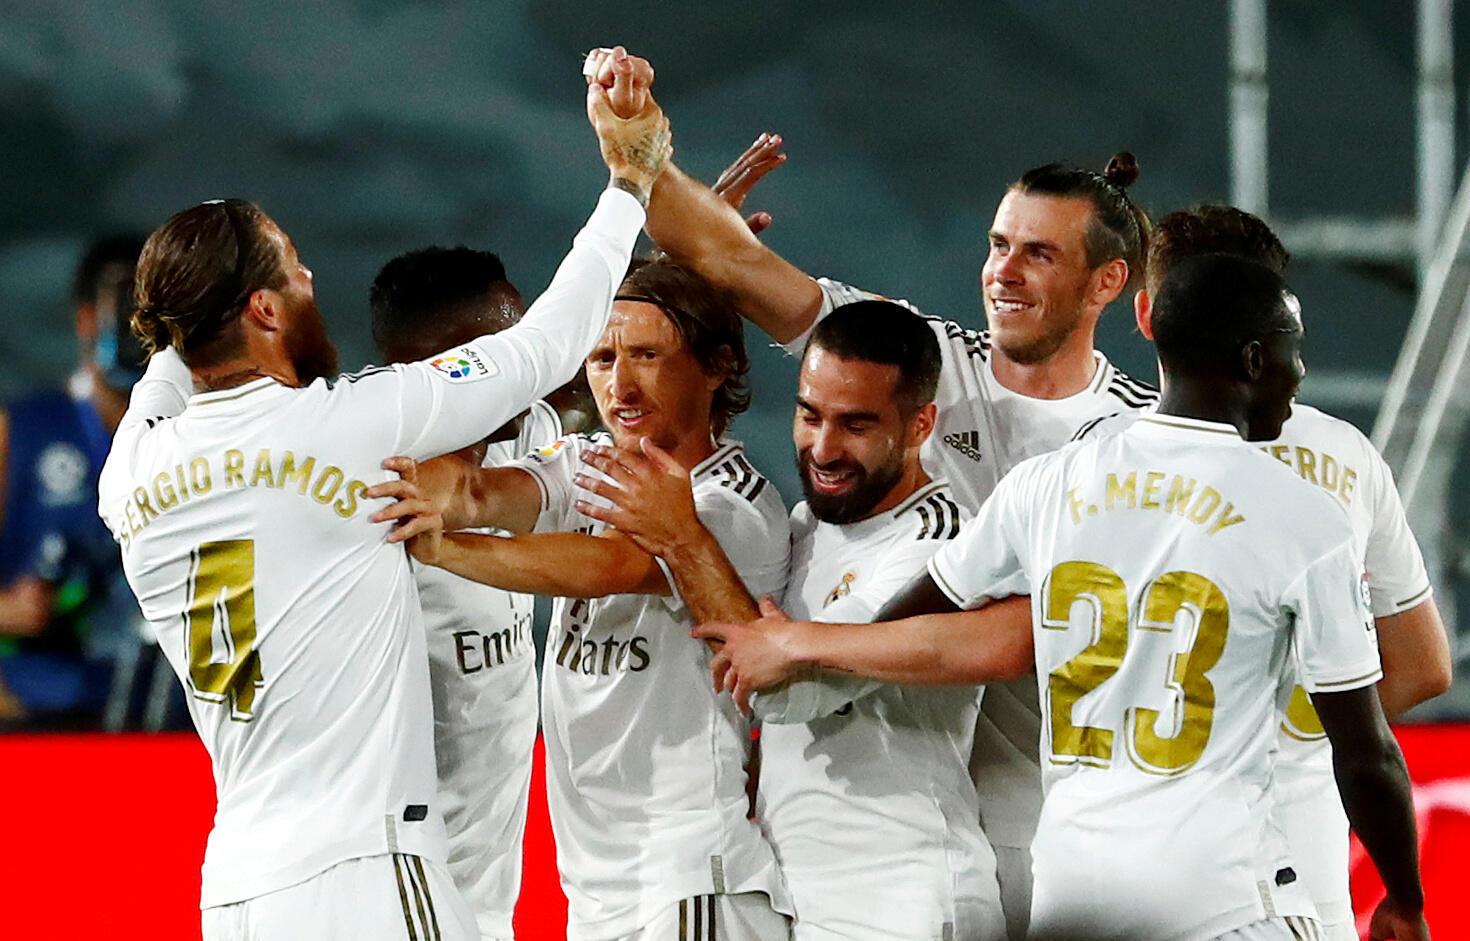 الدوري الإسباني: ريال مدريد أمام  ريال مايوركا ملعب ألفريدو دي ستيفانو، مدريد، إسبانيا  24 يونيو 2020.